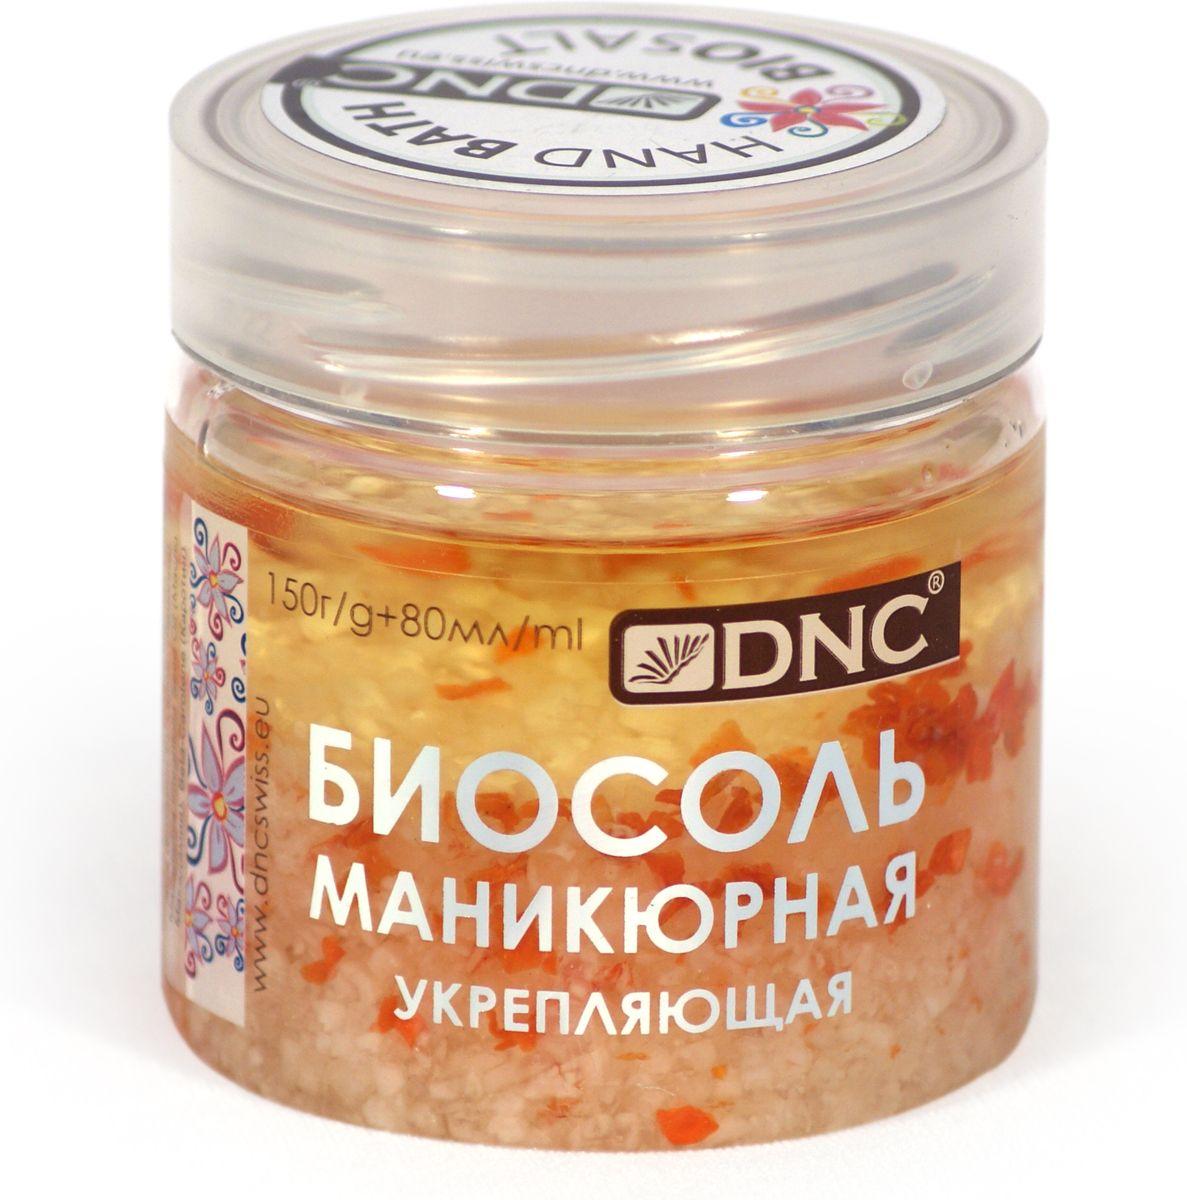 """Биосоль маникюрная """"DNC"""", укрепляющая, 150 г + 80 мл 4751006752832"""